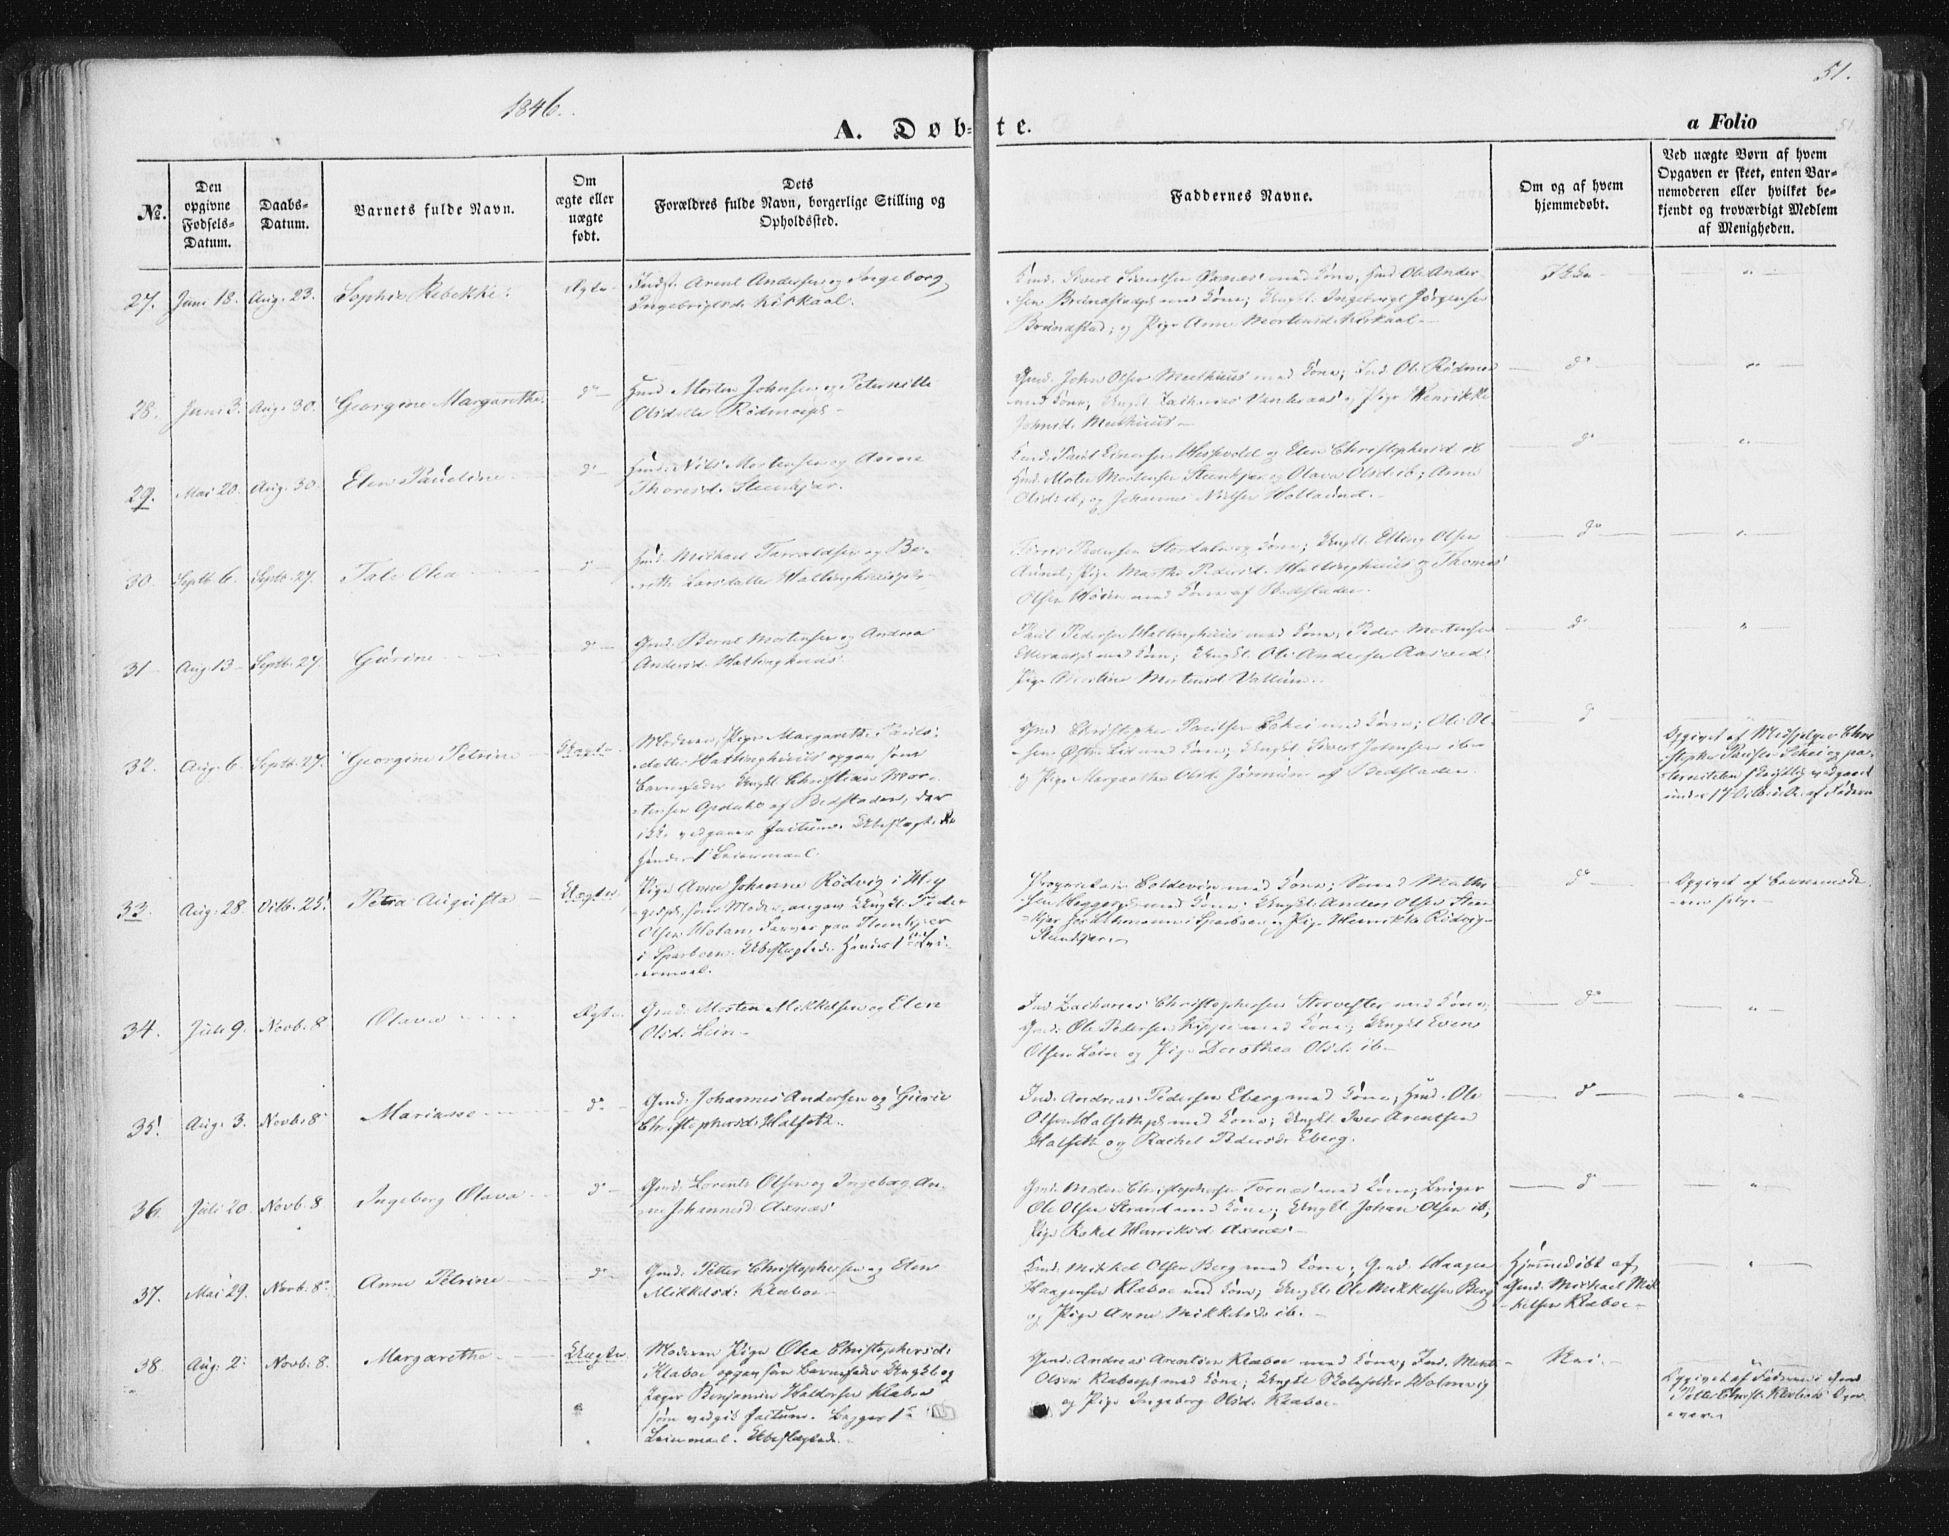 SAT, Ministerialprotokoller, klokkerbøker og fødselsregistre - Nord-Trøndelag, 746/L0446: Ministerialbok nr. 746A05, 1846-1859, s. 51